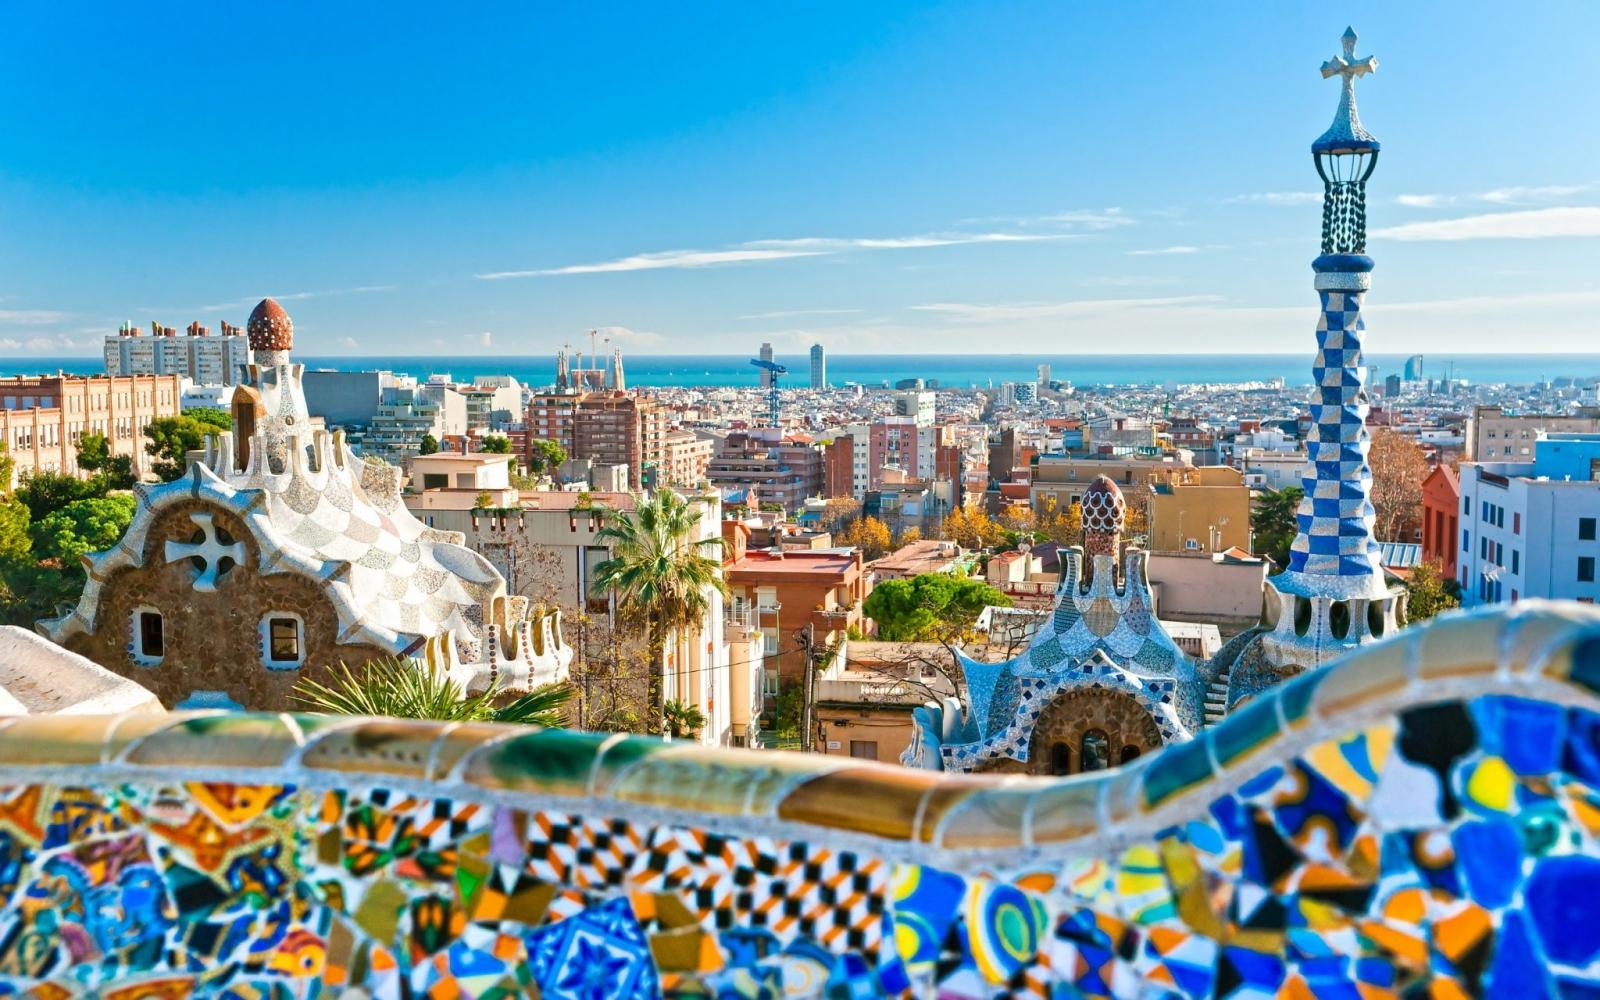 Du lịch Châu Âu - Barcelona thành phố sôi động